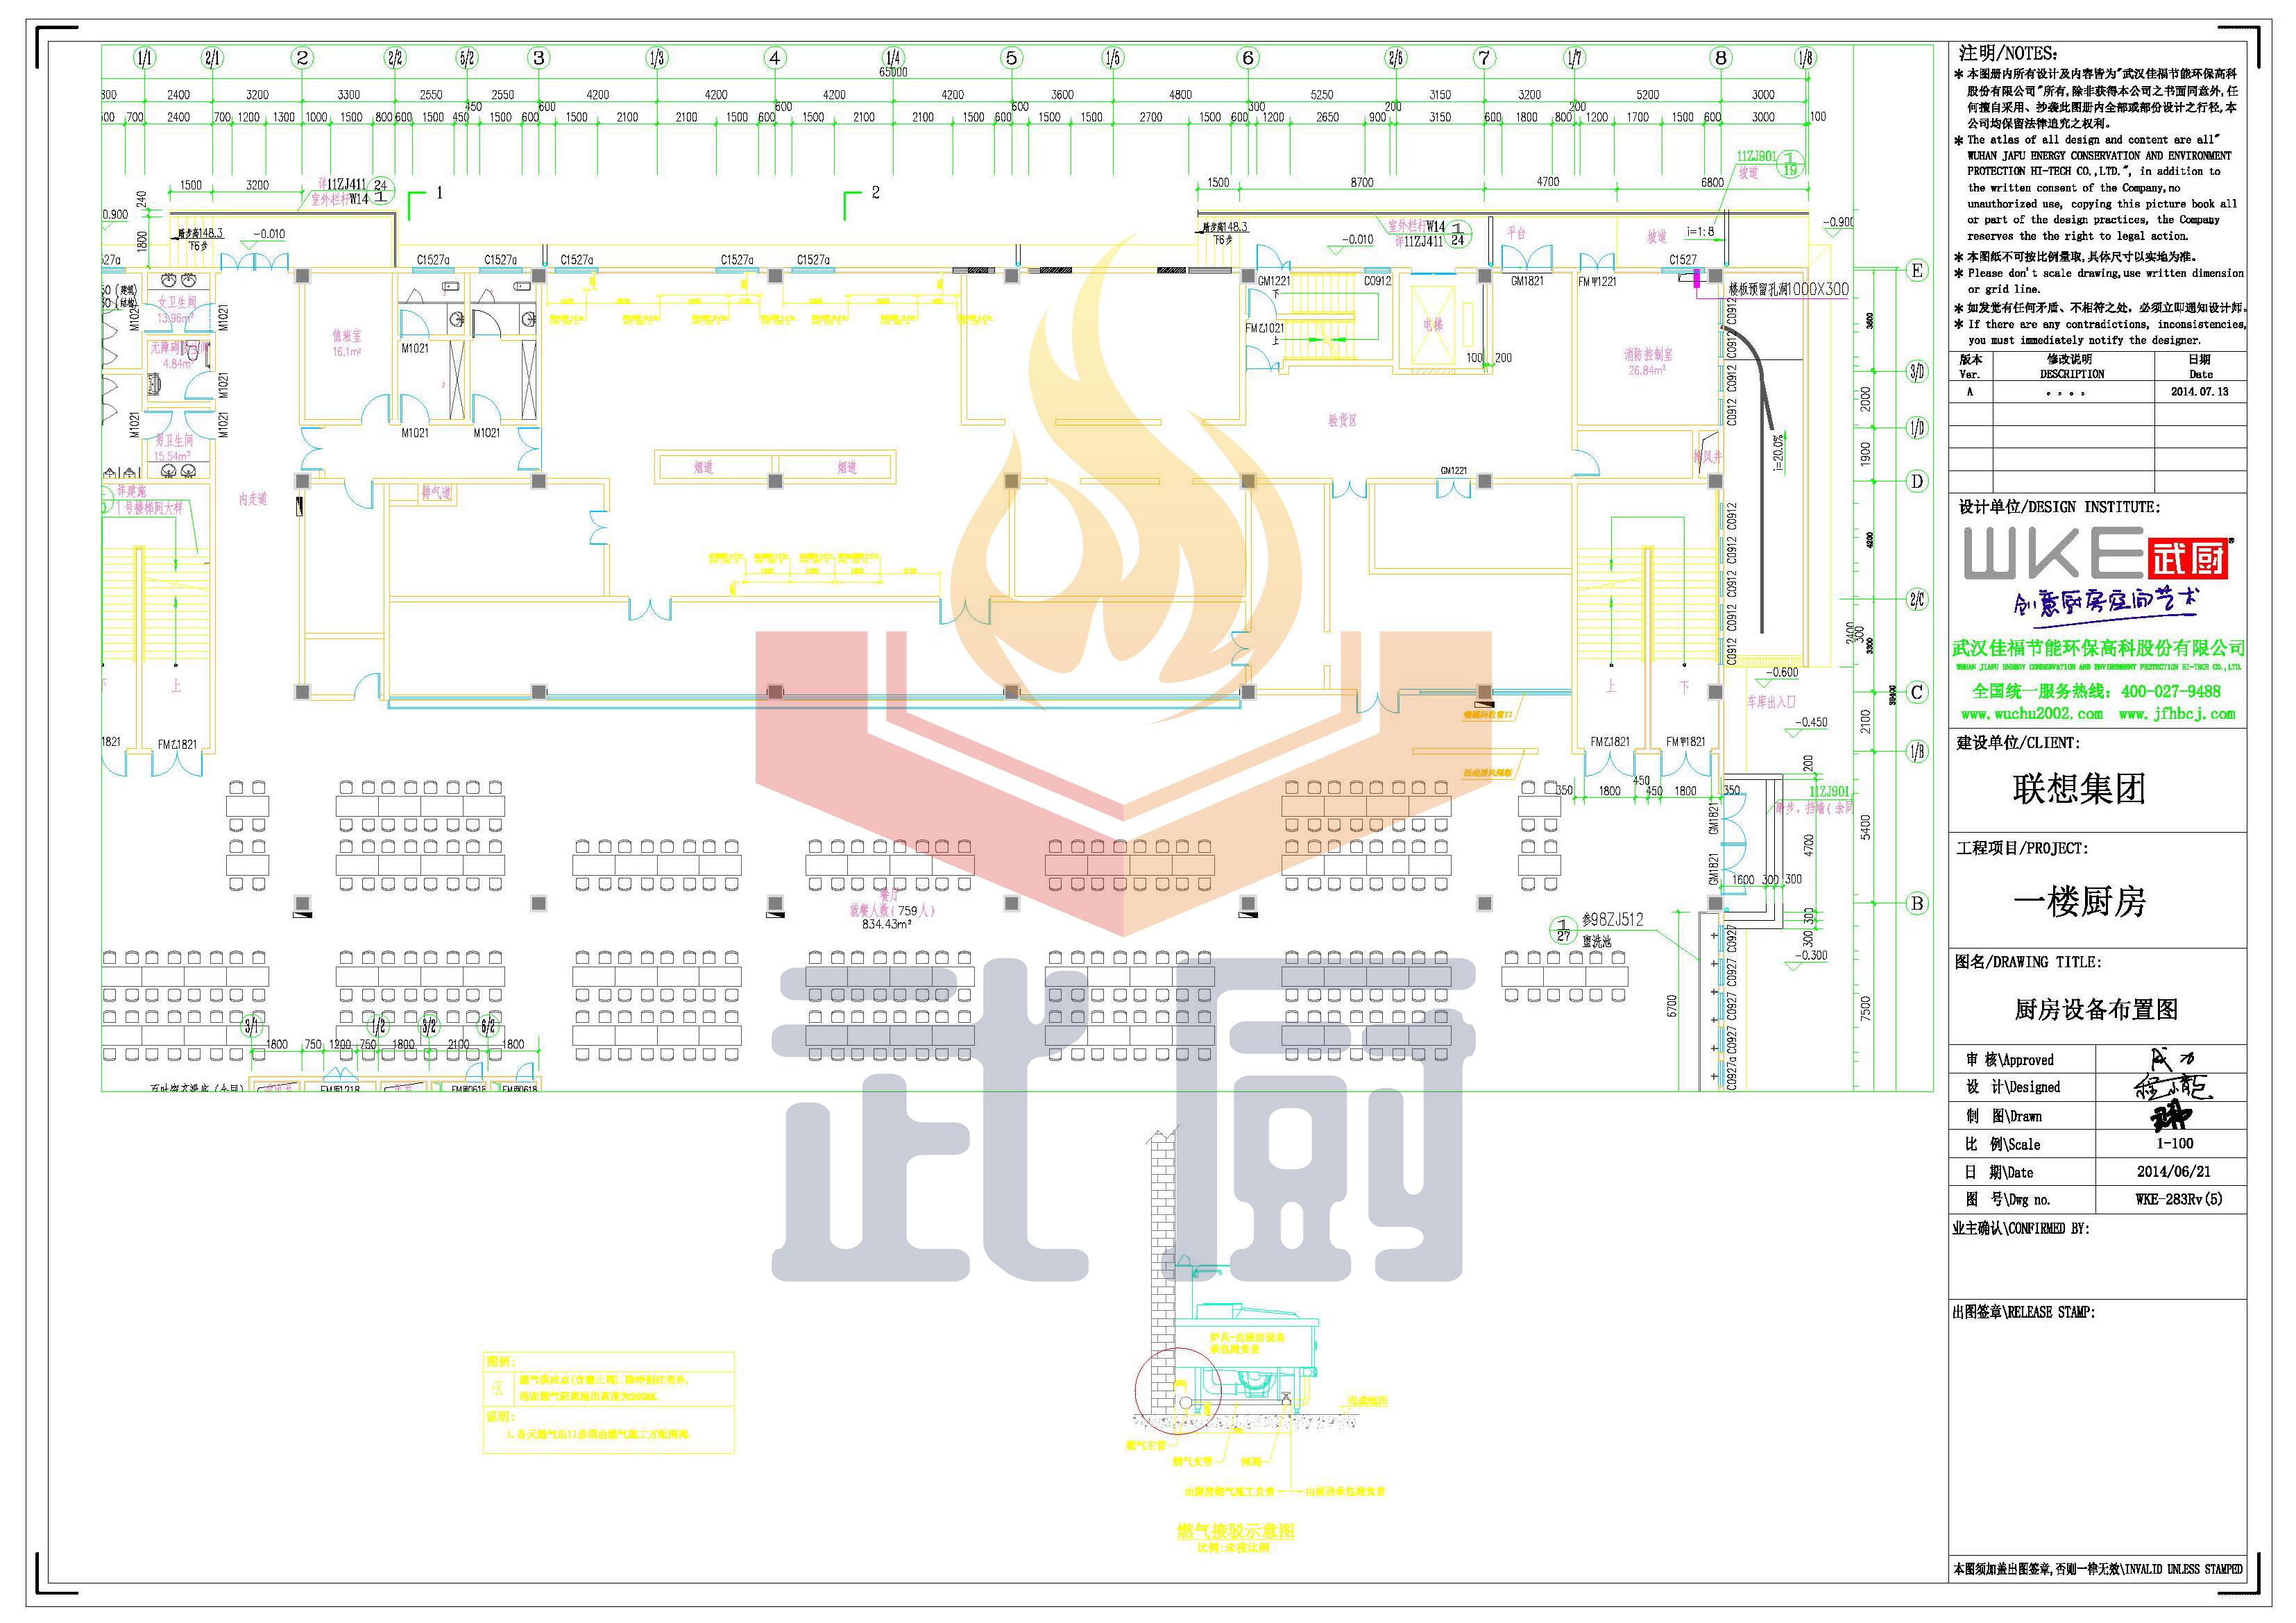 食堂厨房燃气图